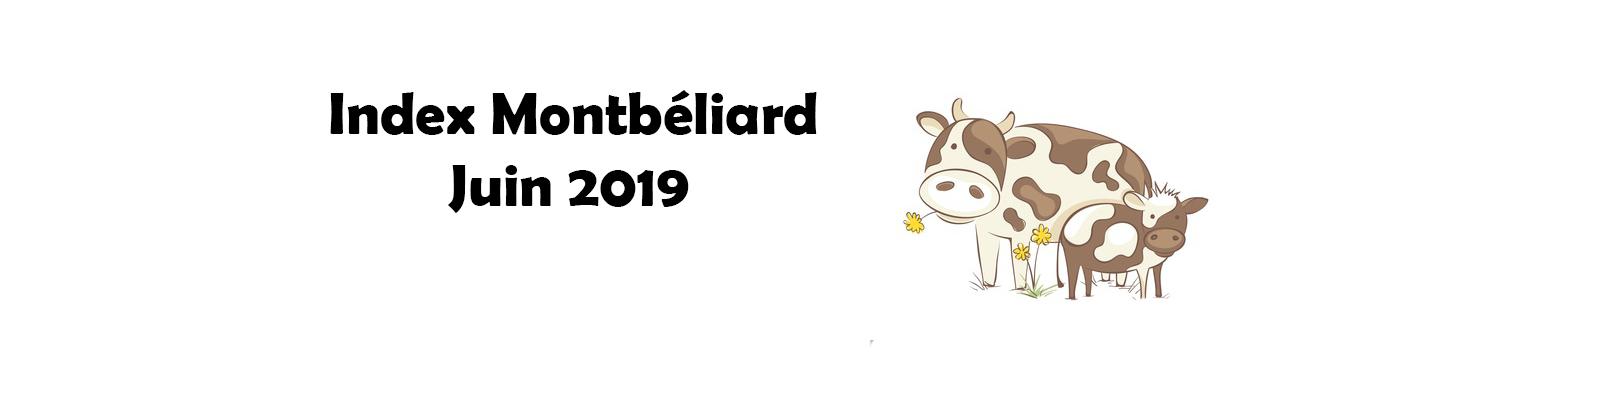 index-montbeliard-juin-2019